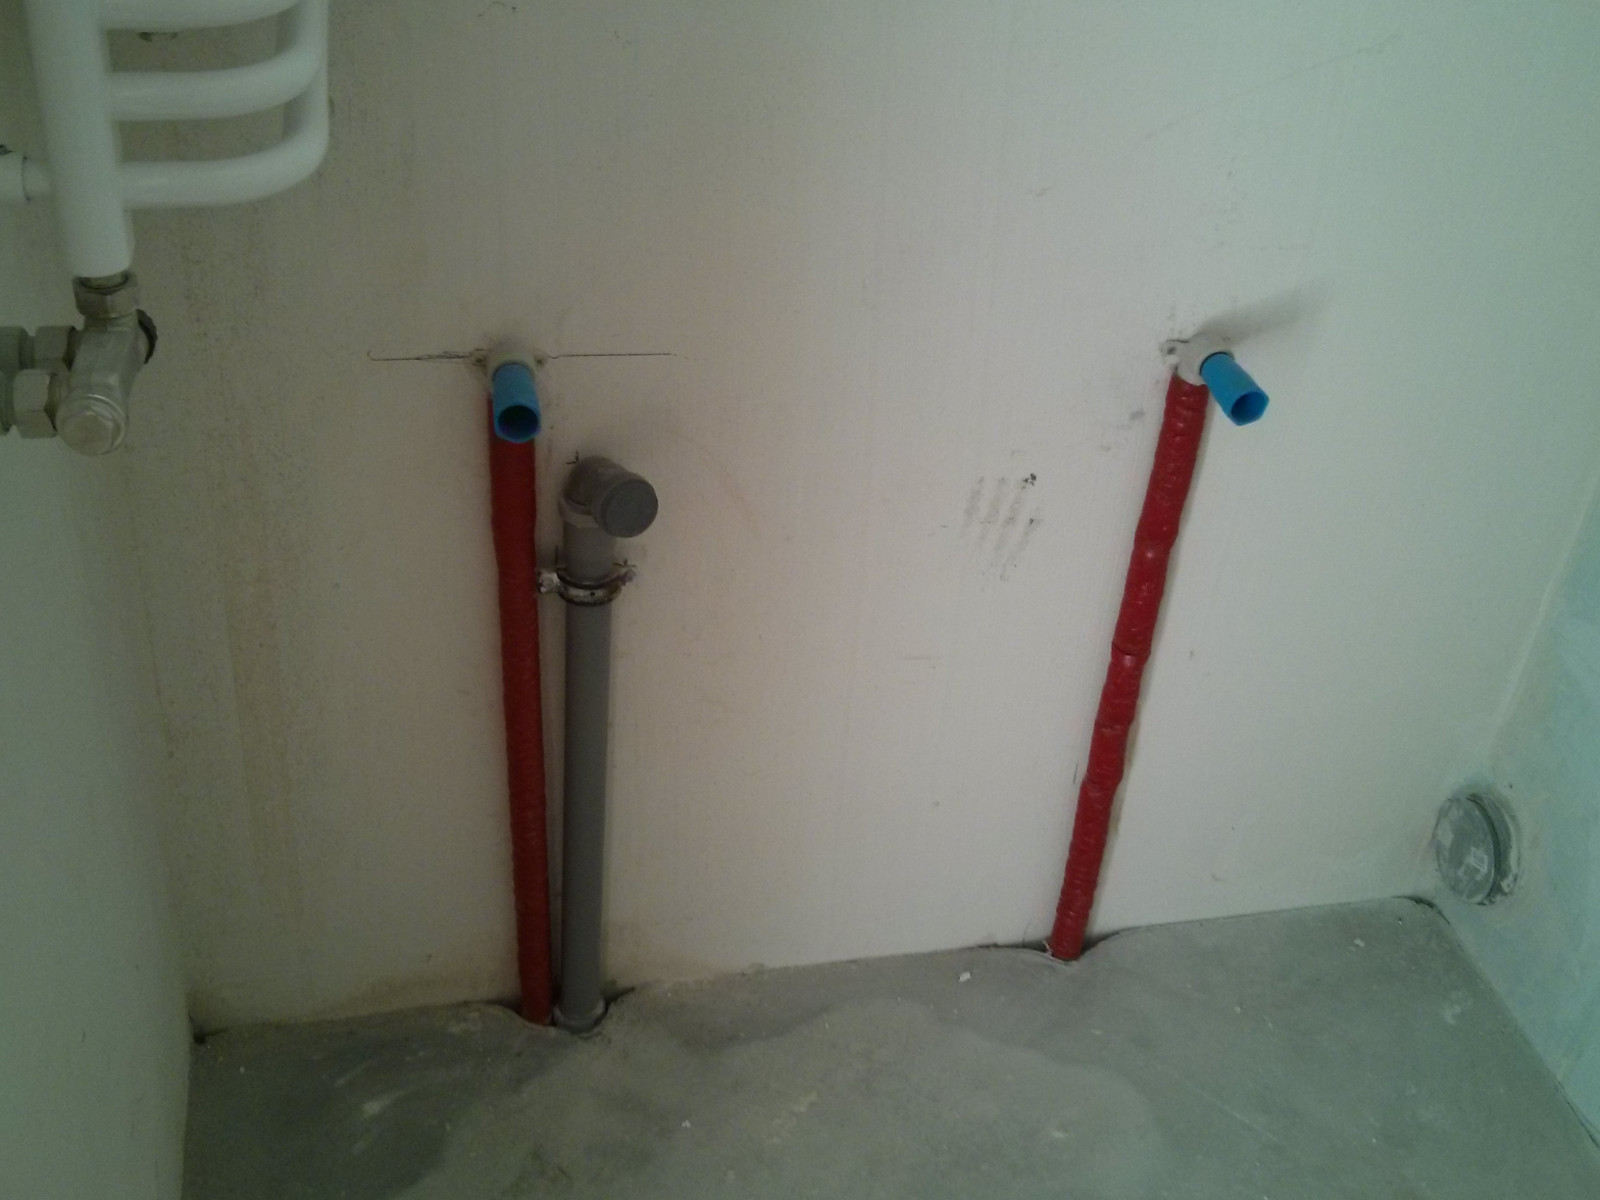 Nowe mieszkania od Budimexu - instalacja wodna i kanalizacyjna